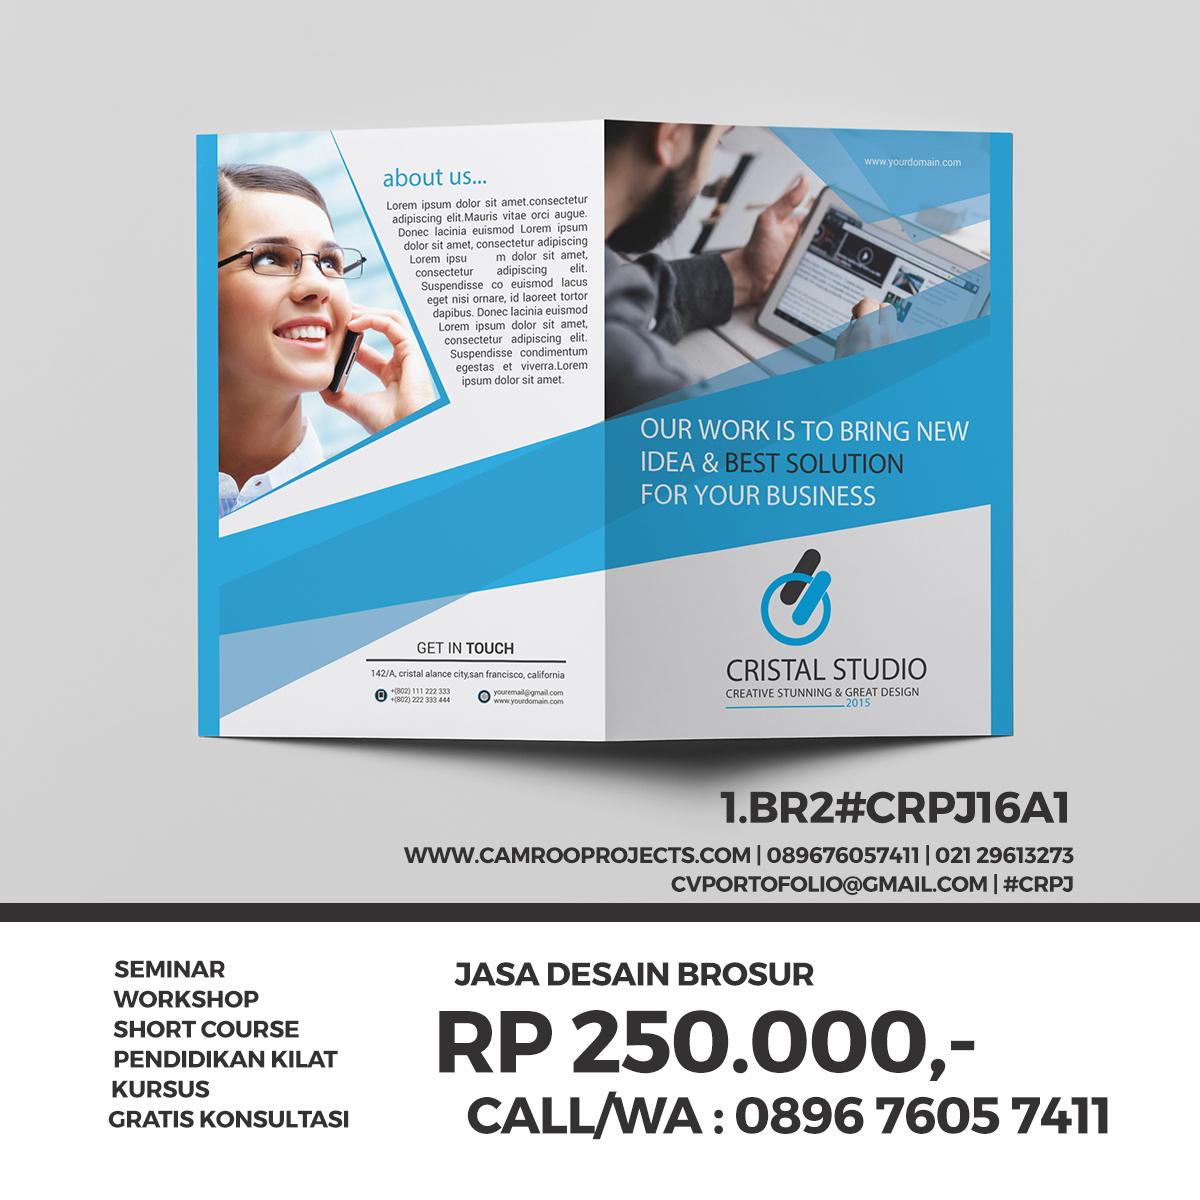 Jasa Desain Flyer   Terbaik   Call/WA 0896 760 574 11